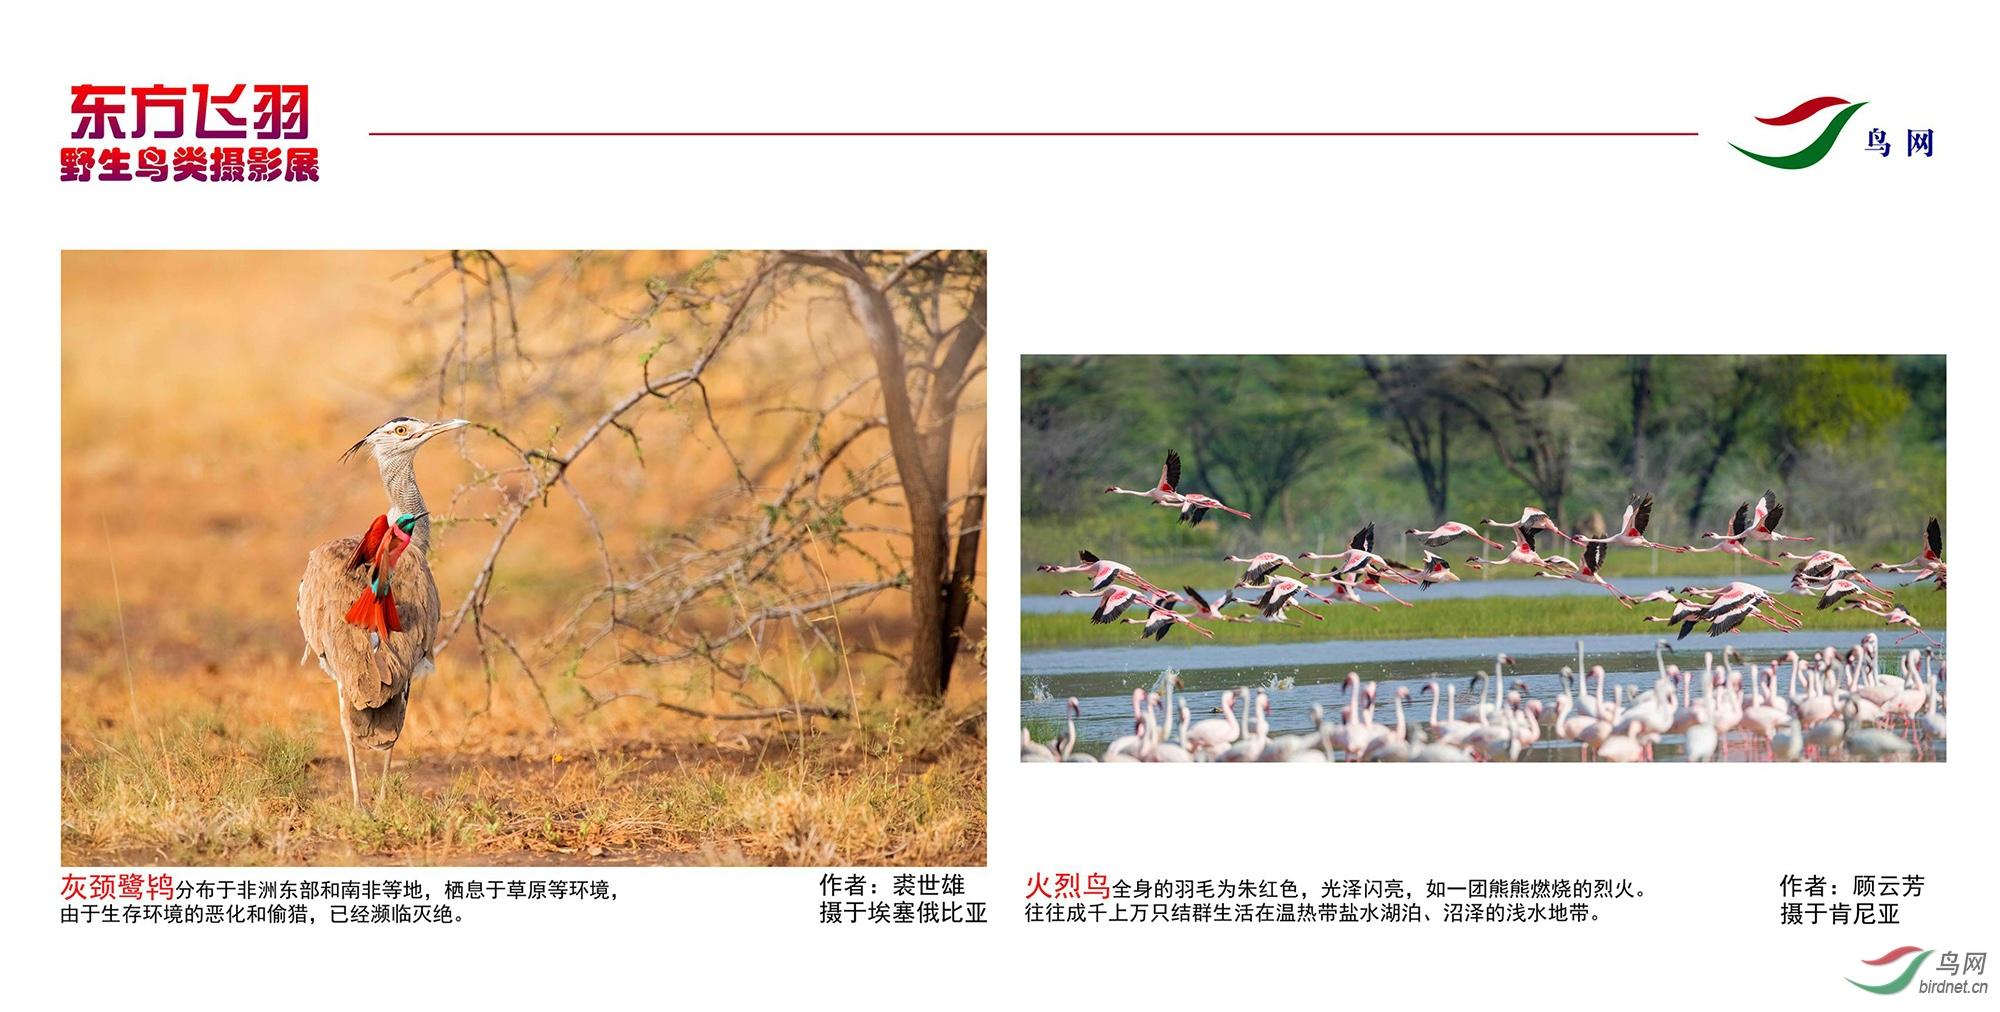 1_东方明珠摄影展照片_04.jpg